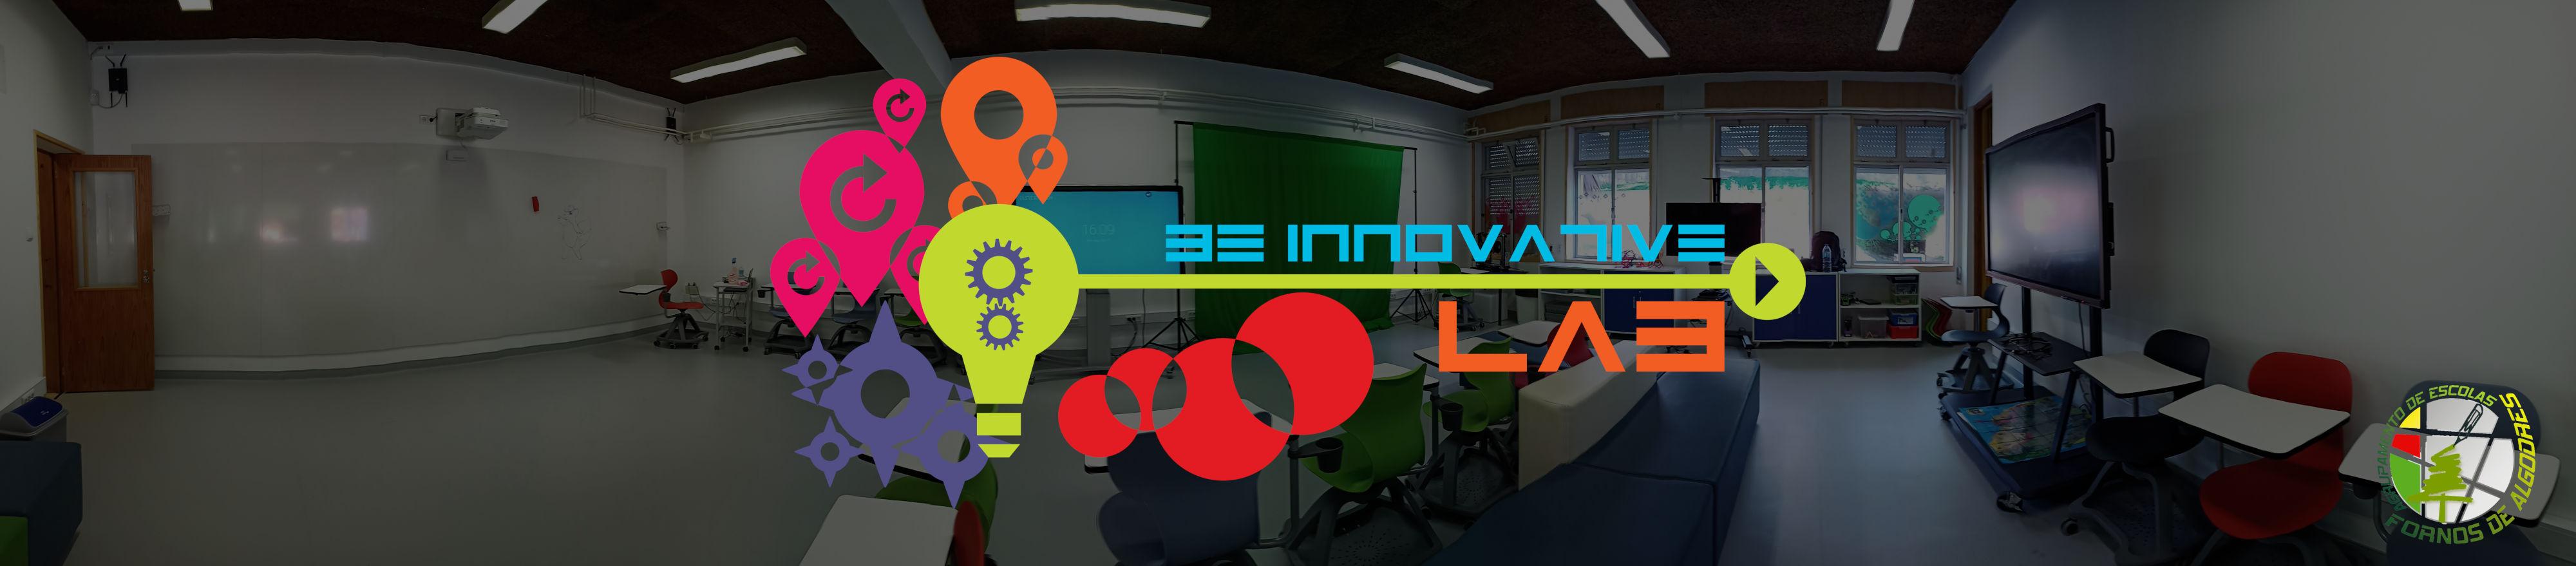 Be Innovative Lab - AE Fornos de Algodres